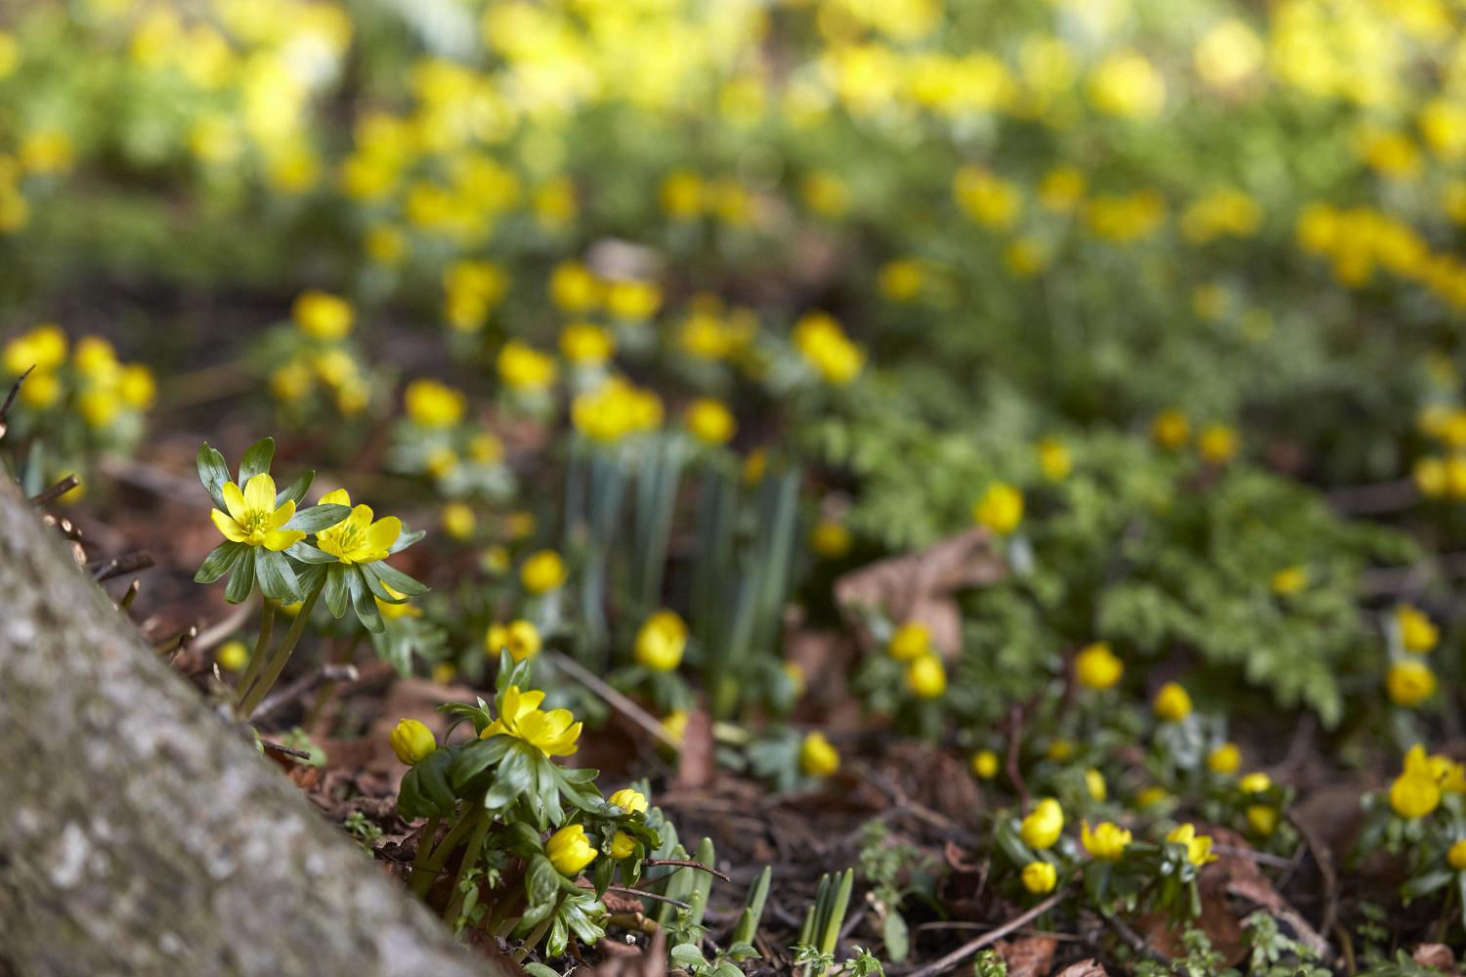 春天早期,春天就开始了。